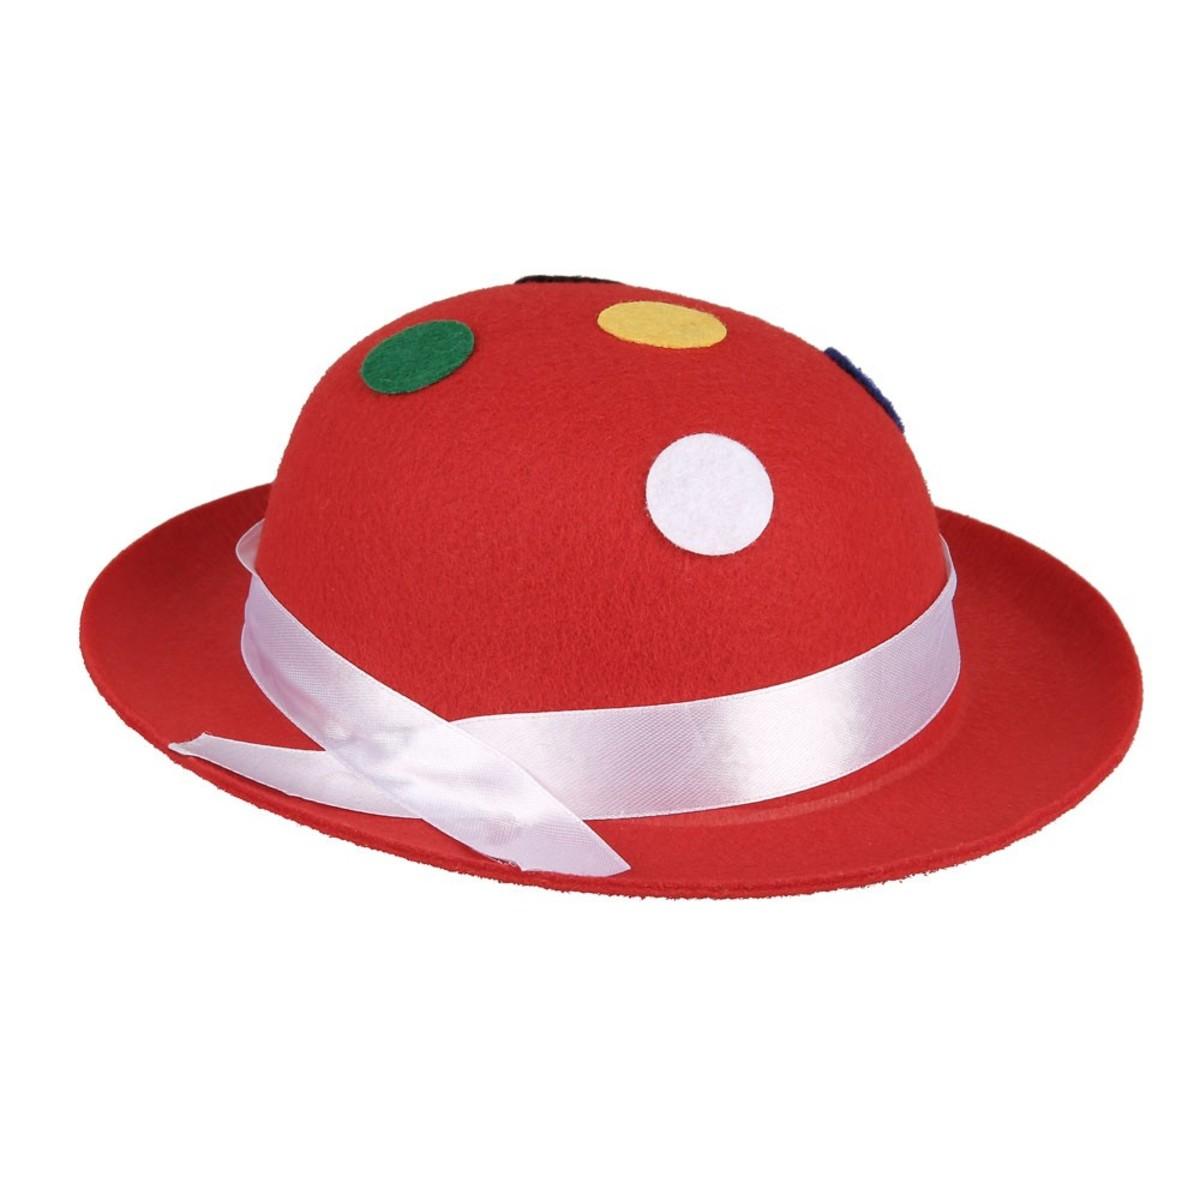 Bild 4 von Karnevals-Hut klassisch